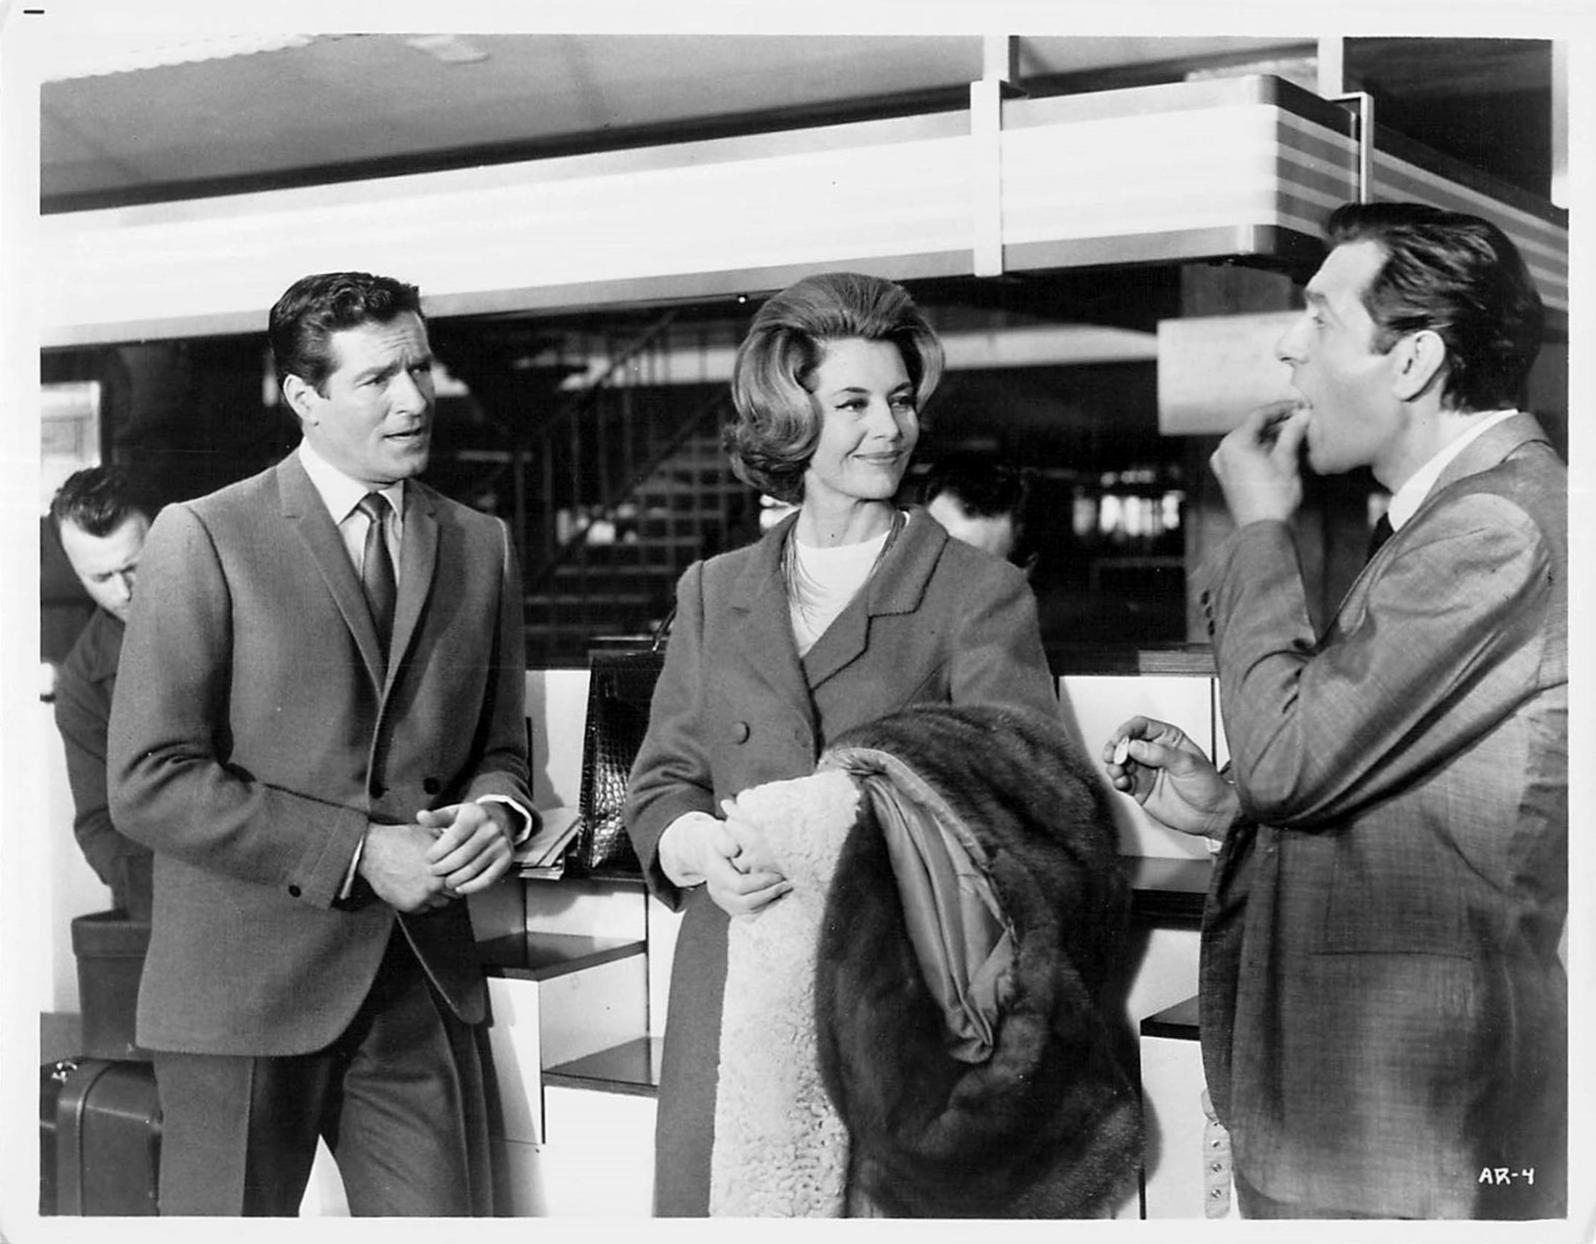 Cyd Charisse, Mario Feliciani, and Hugh O'Brian in Il segreto del vestito rosso (1965)